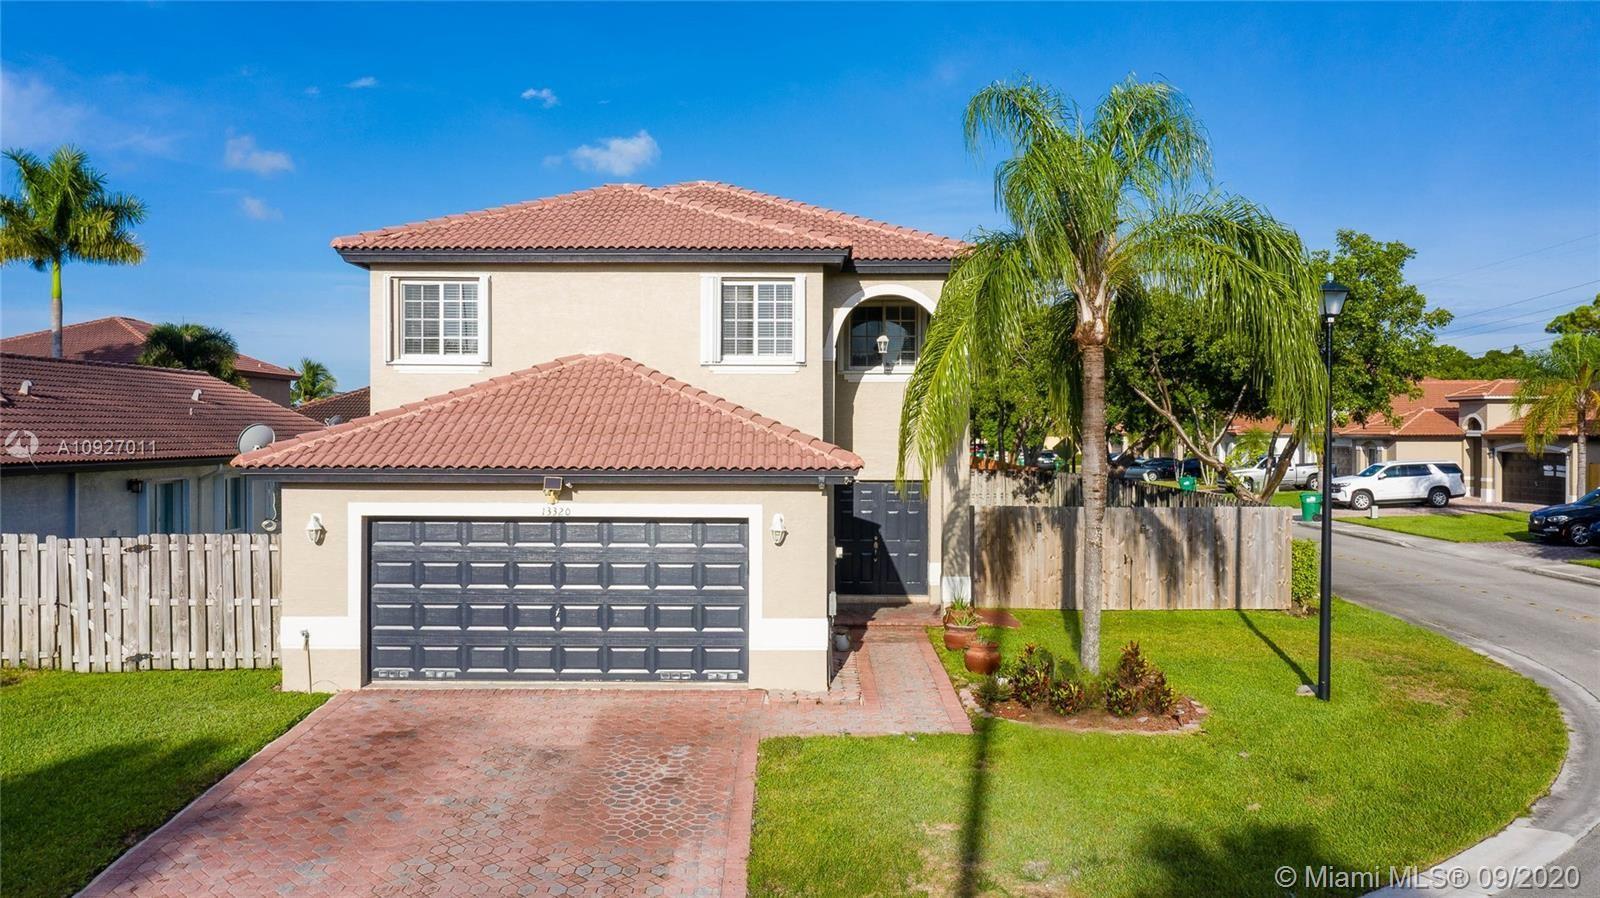 13320 SW 118th Pl, Miami, FL 33186 - #: A10927011